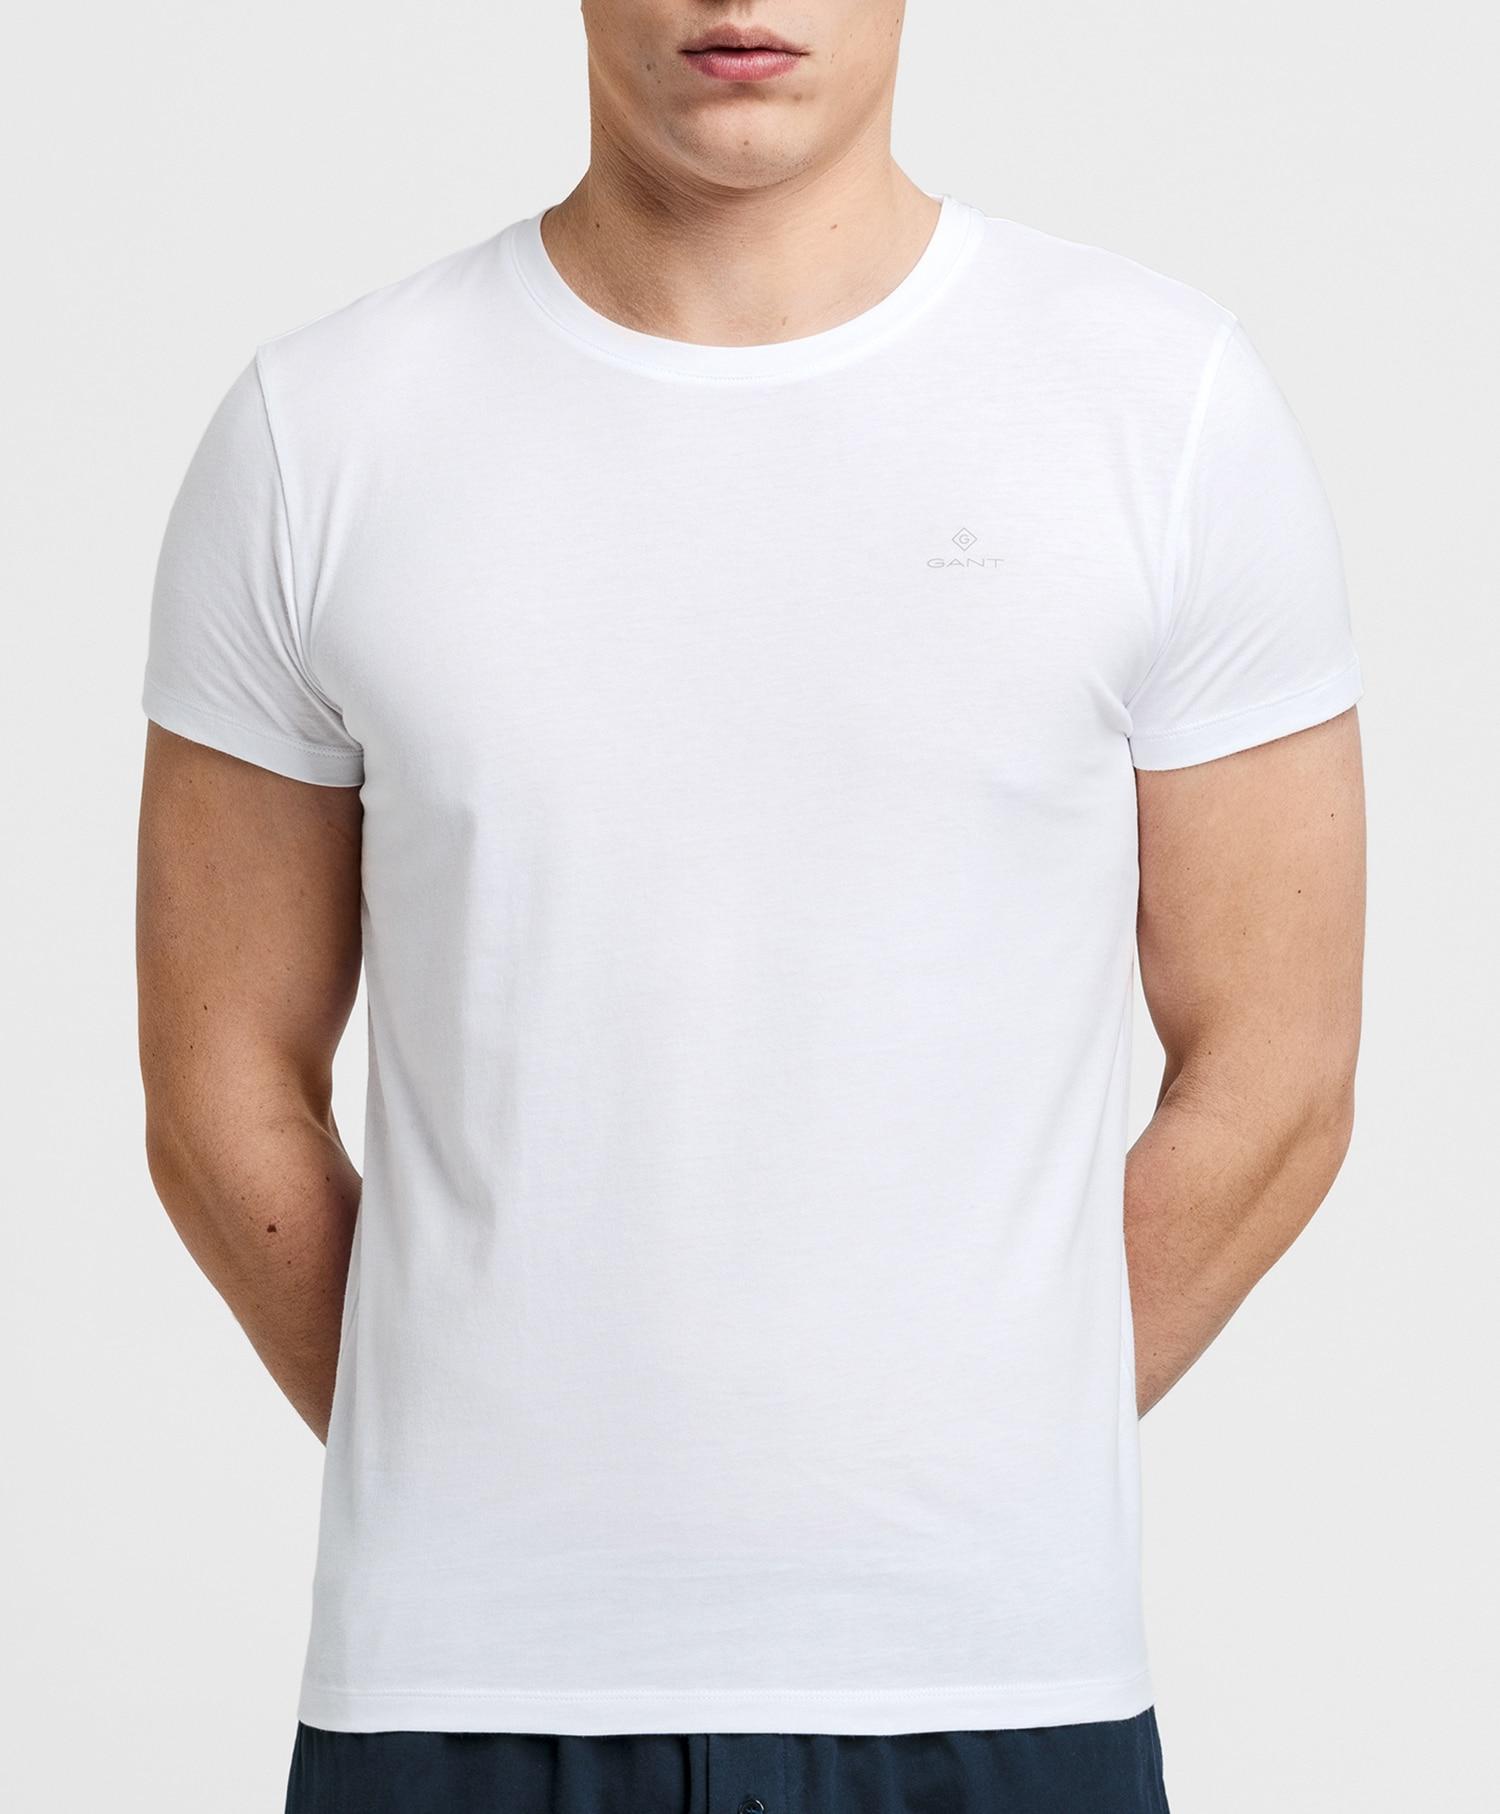 Gant t-shirt 2 pk